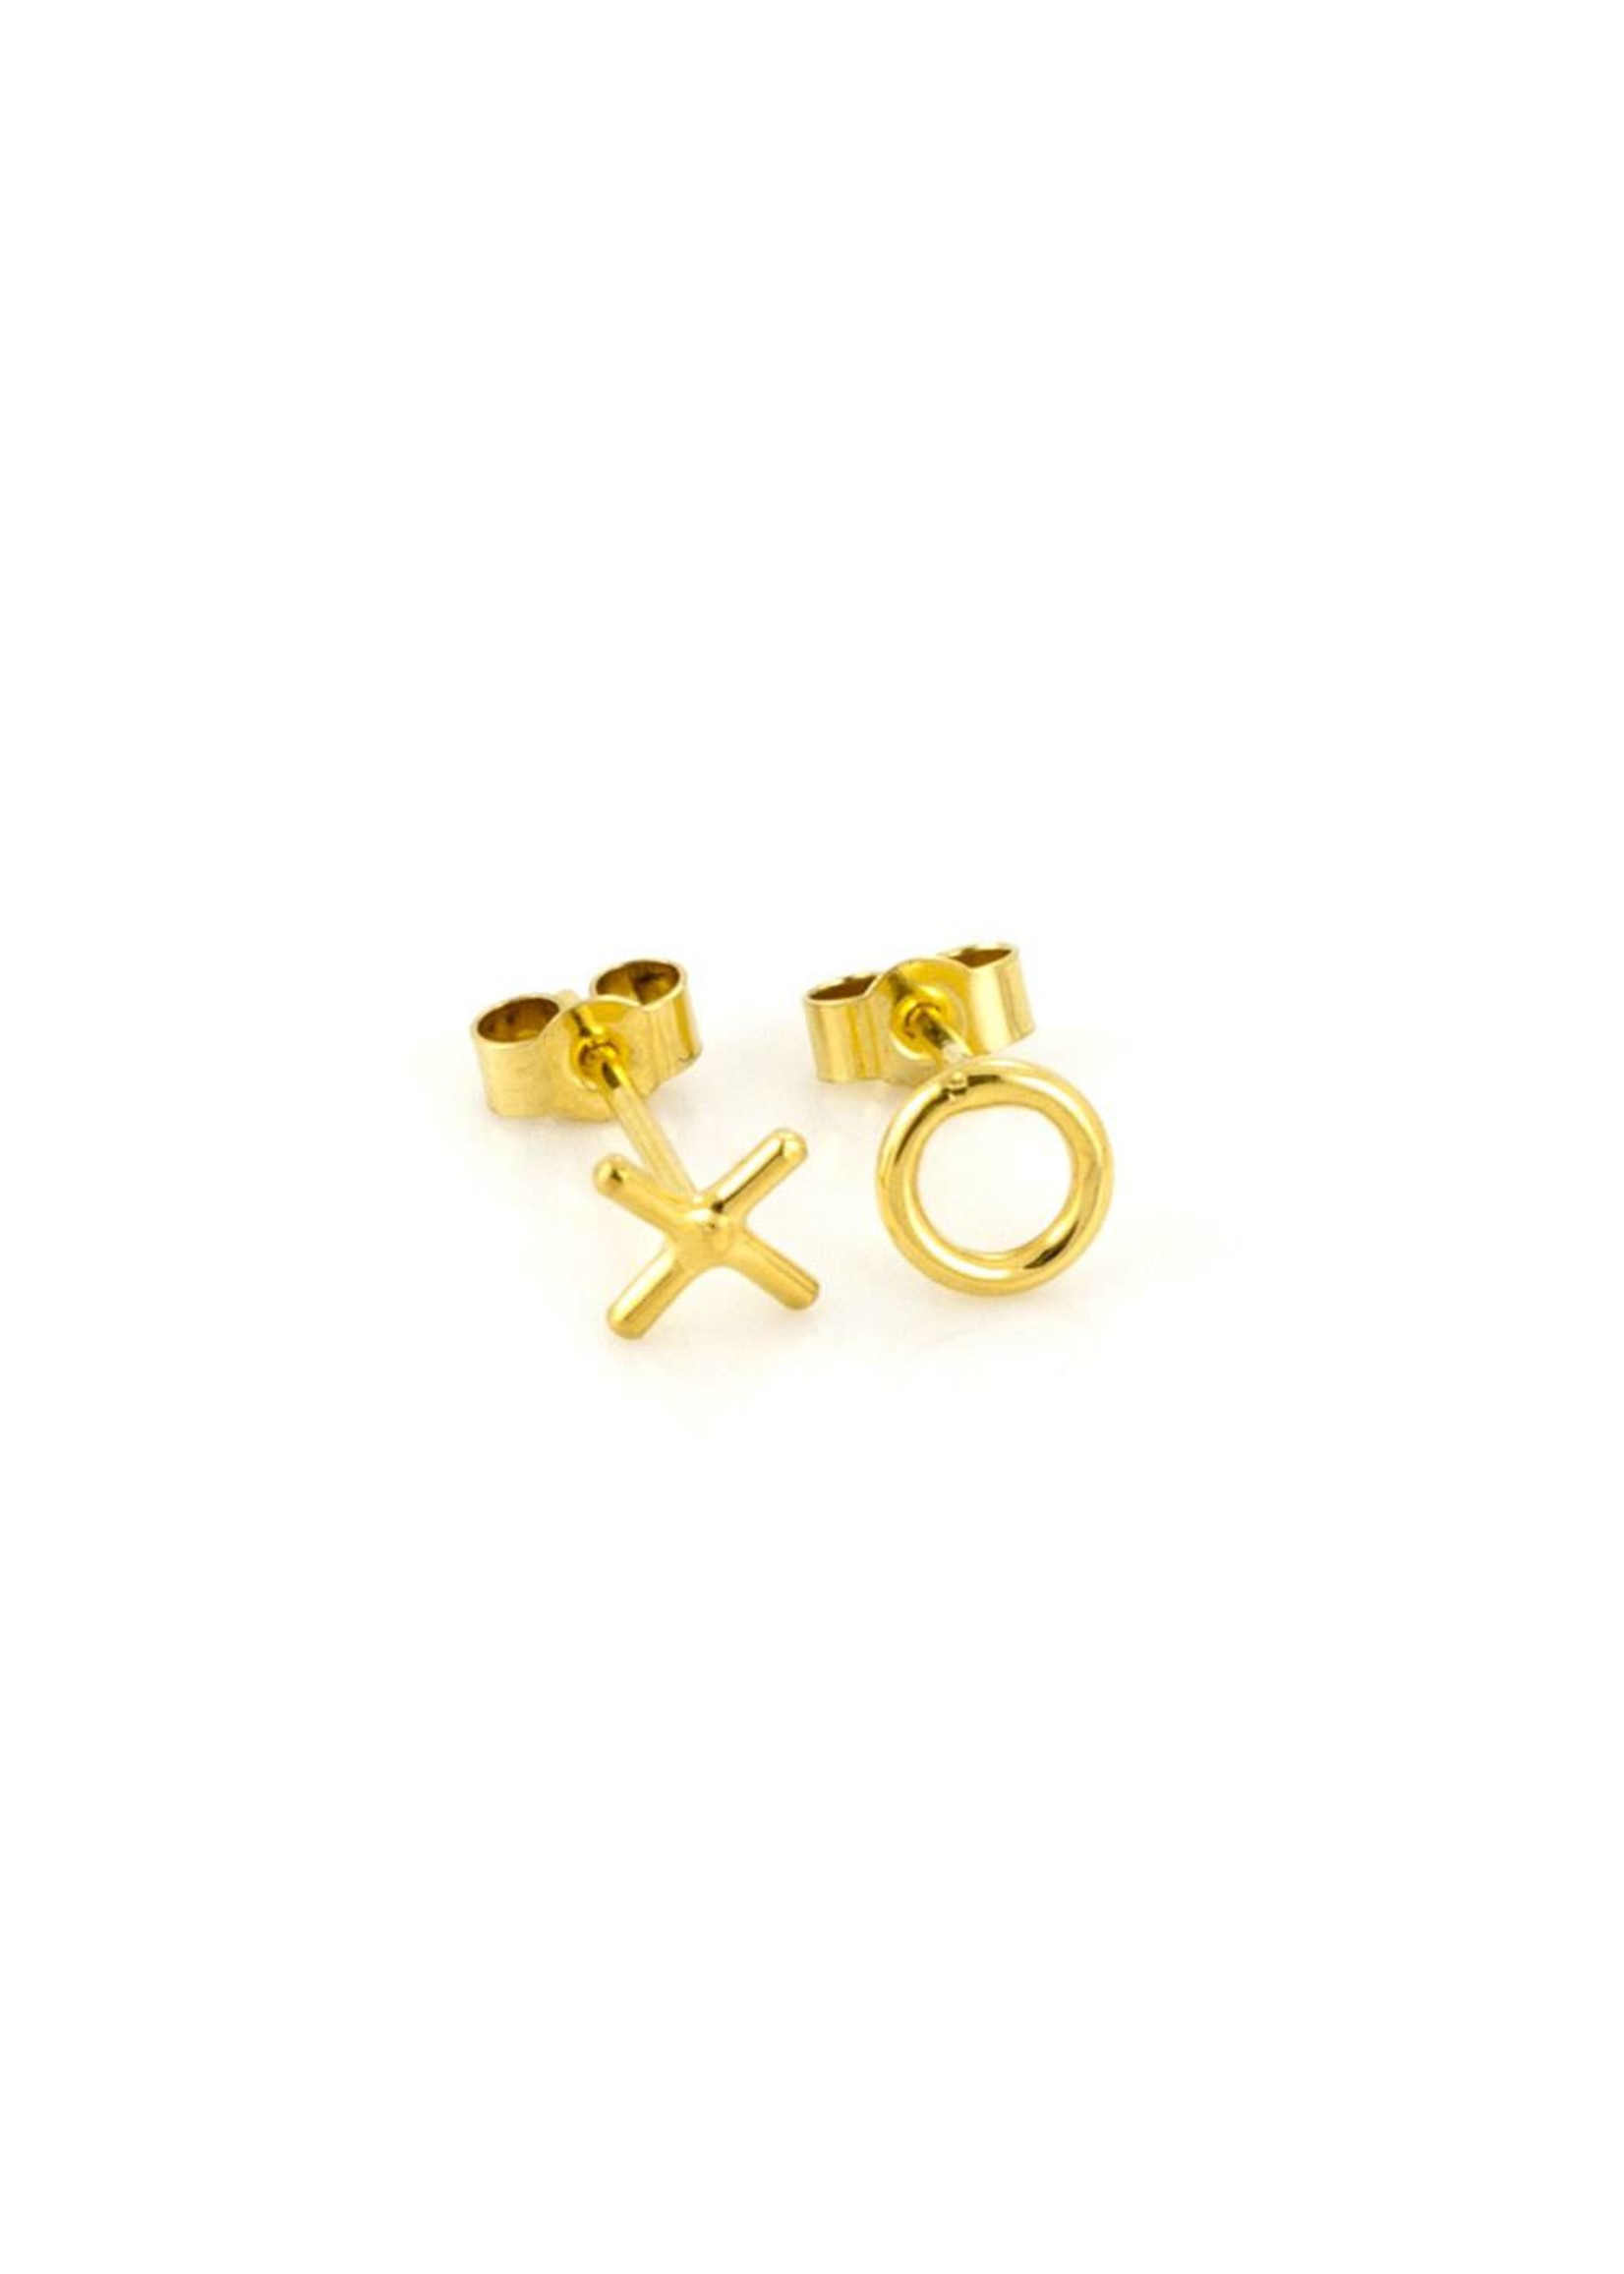 Laura Gravestock Laura Gravestock Written X O Stud Earring - Gold Plated